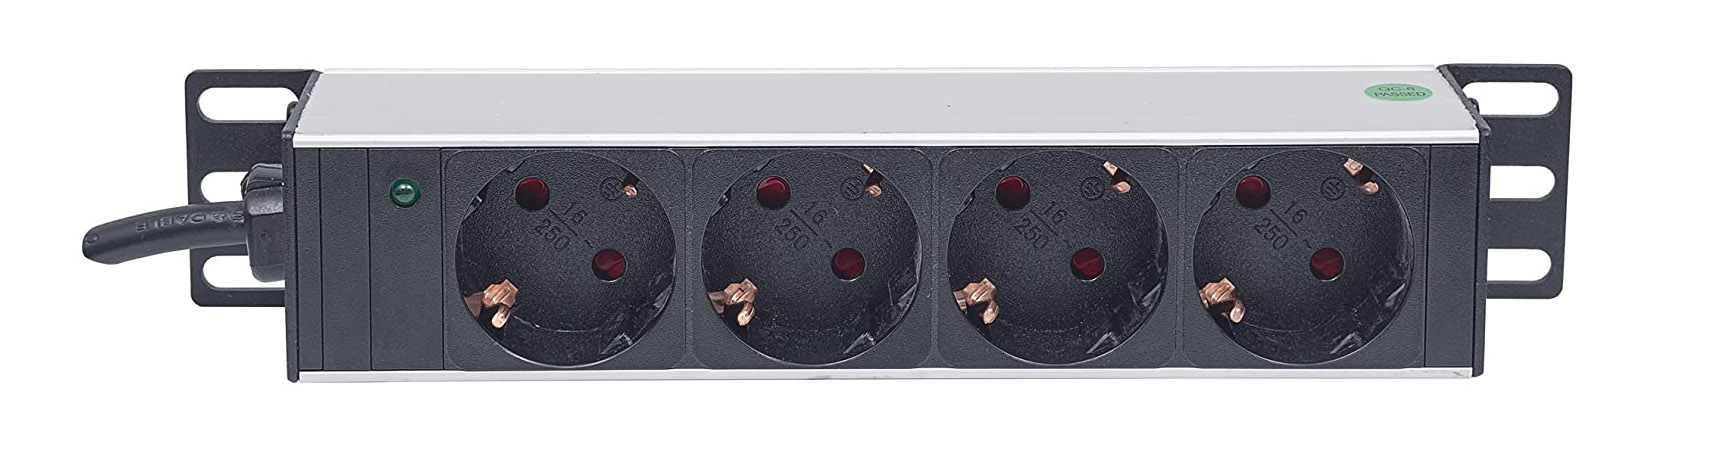 Test Intellinet Barre multiprise 25,4 cm - 4 Prises - sans Protection Contre Les surtensions